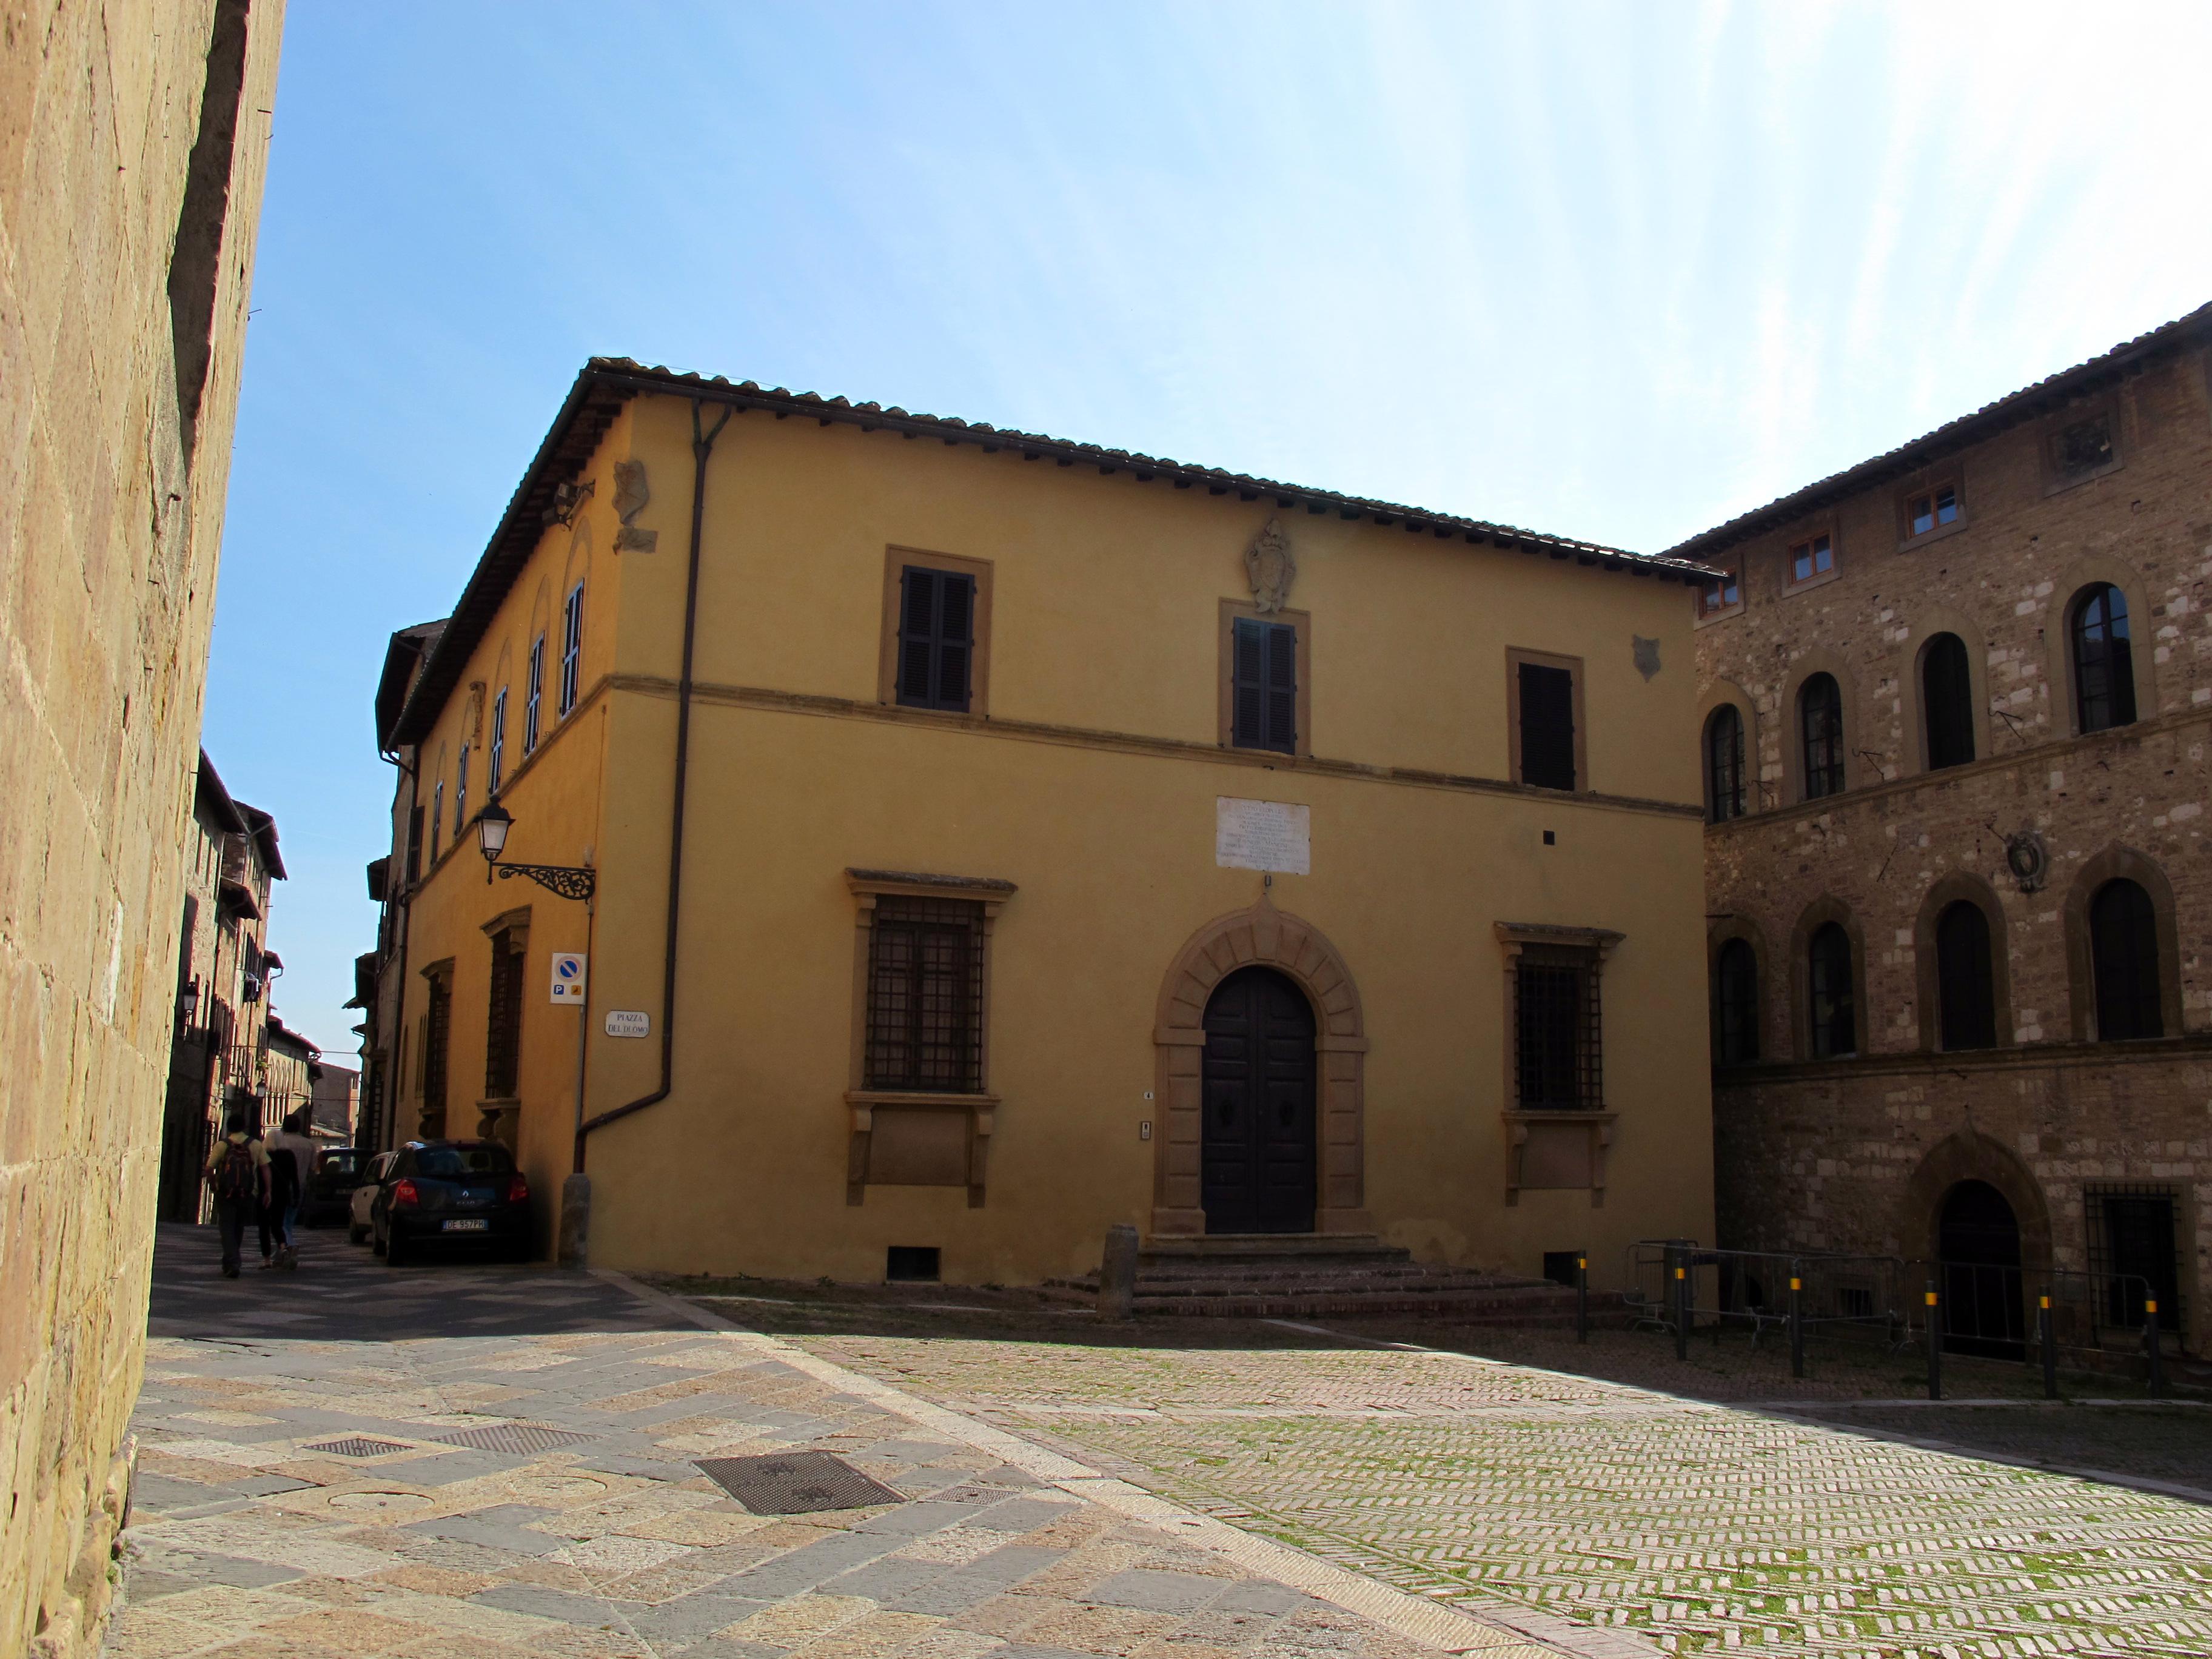 Colle, palazzo in piazza del duomo, 01.JPG